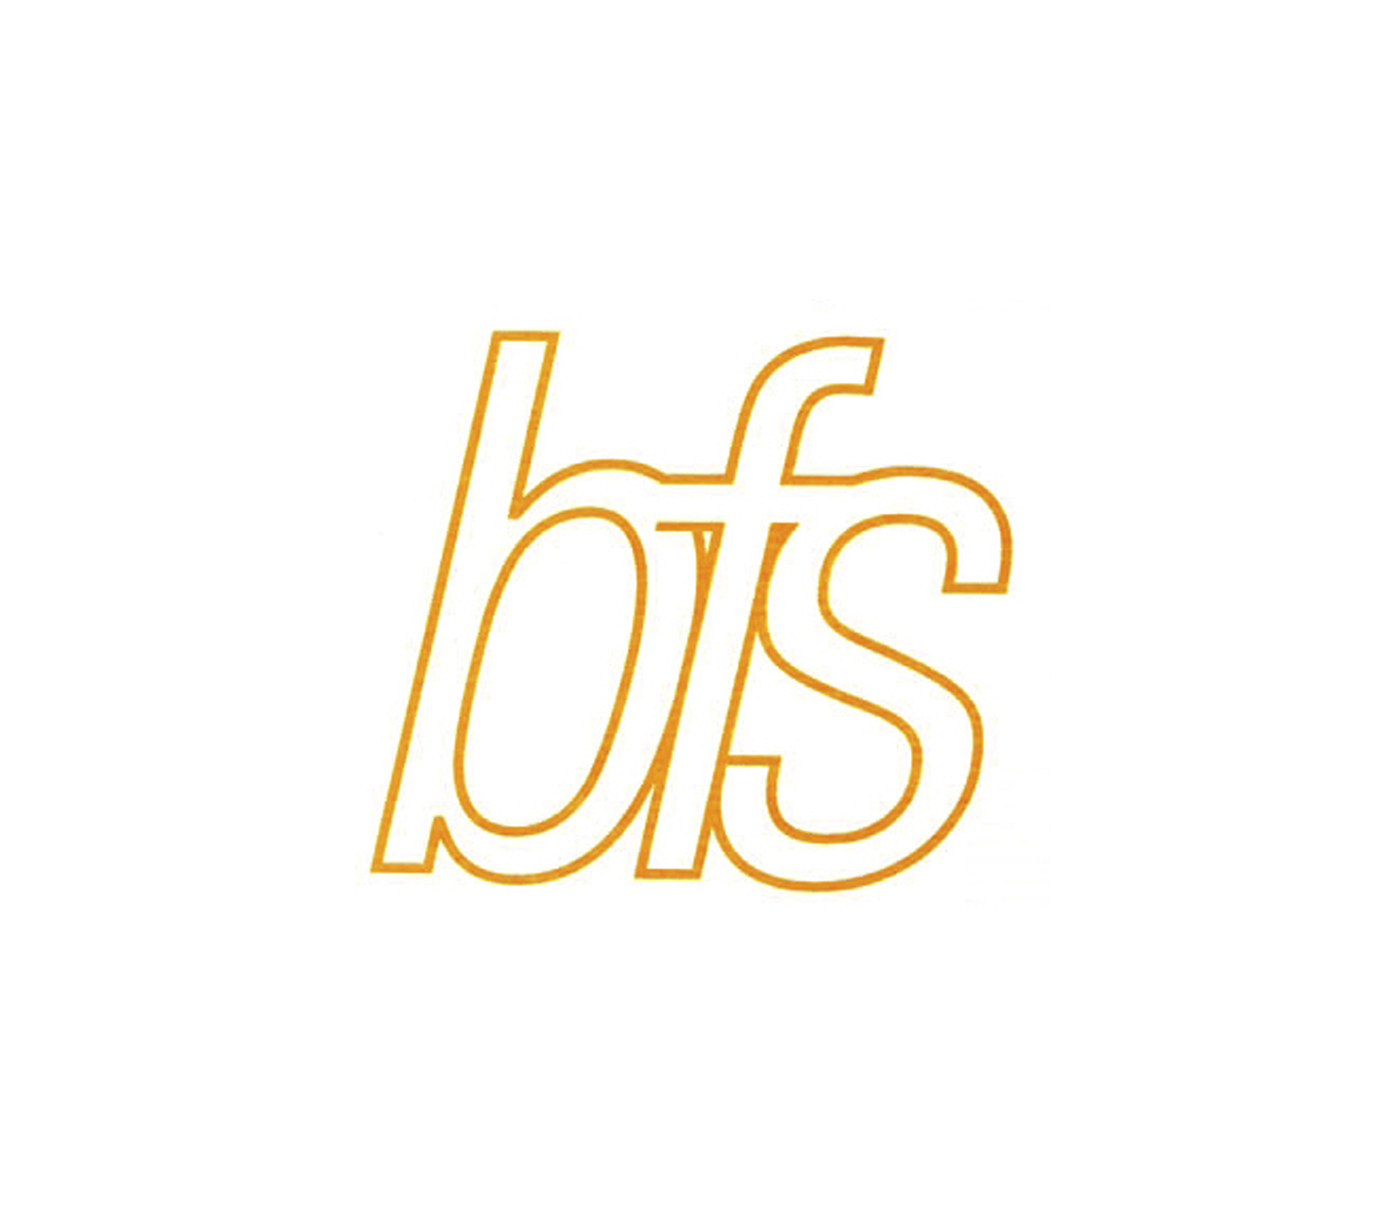 logo - bfs as Smart Object-1.jpg